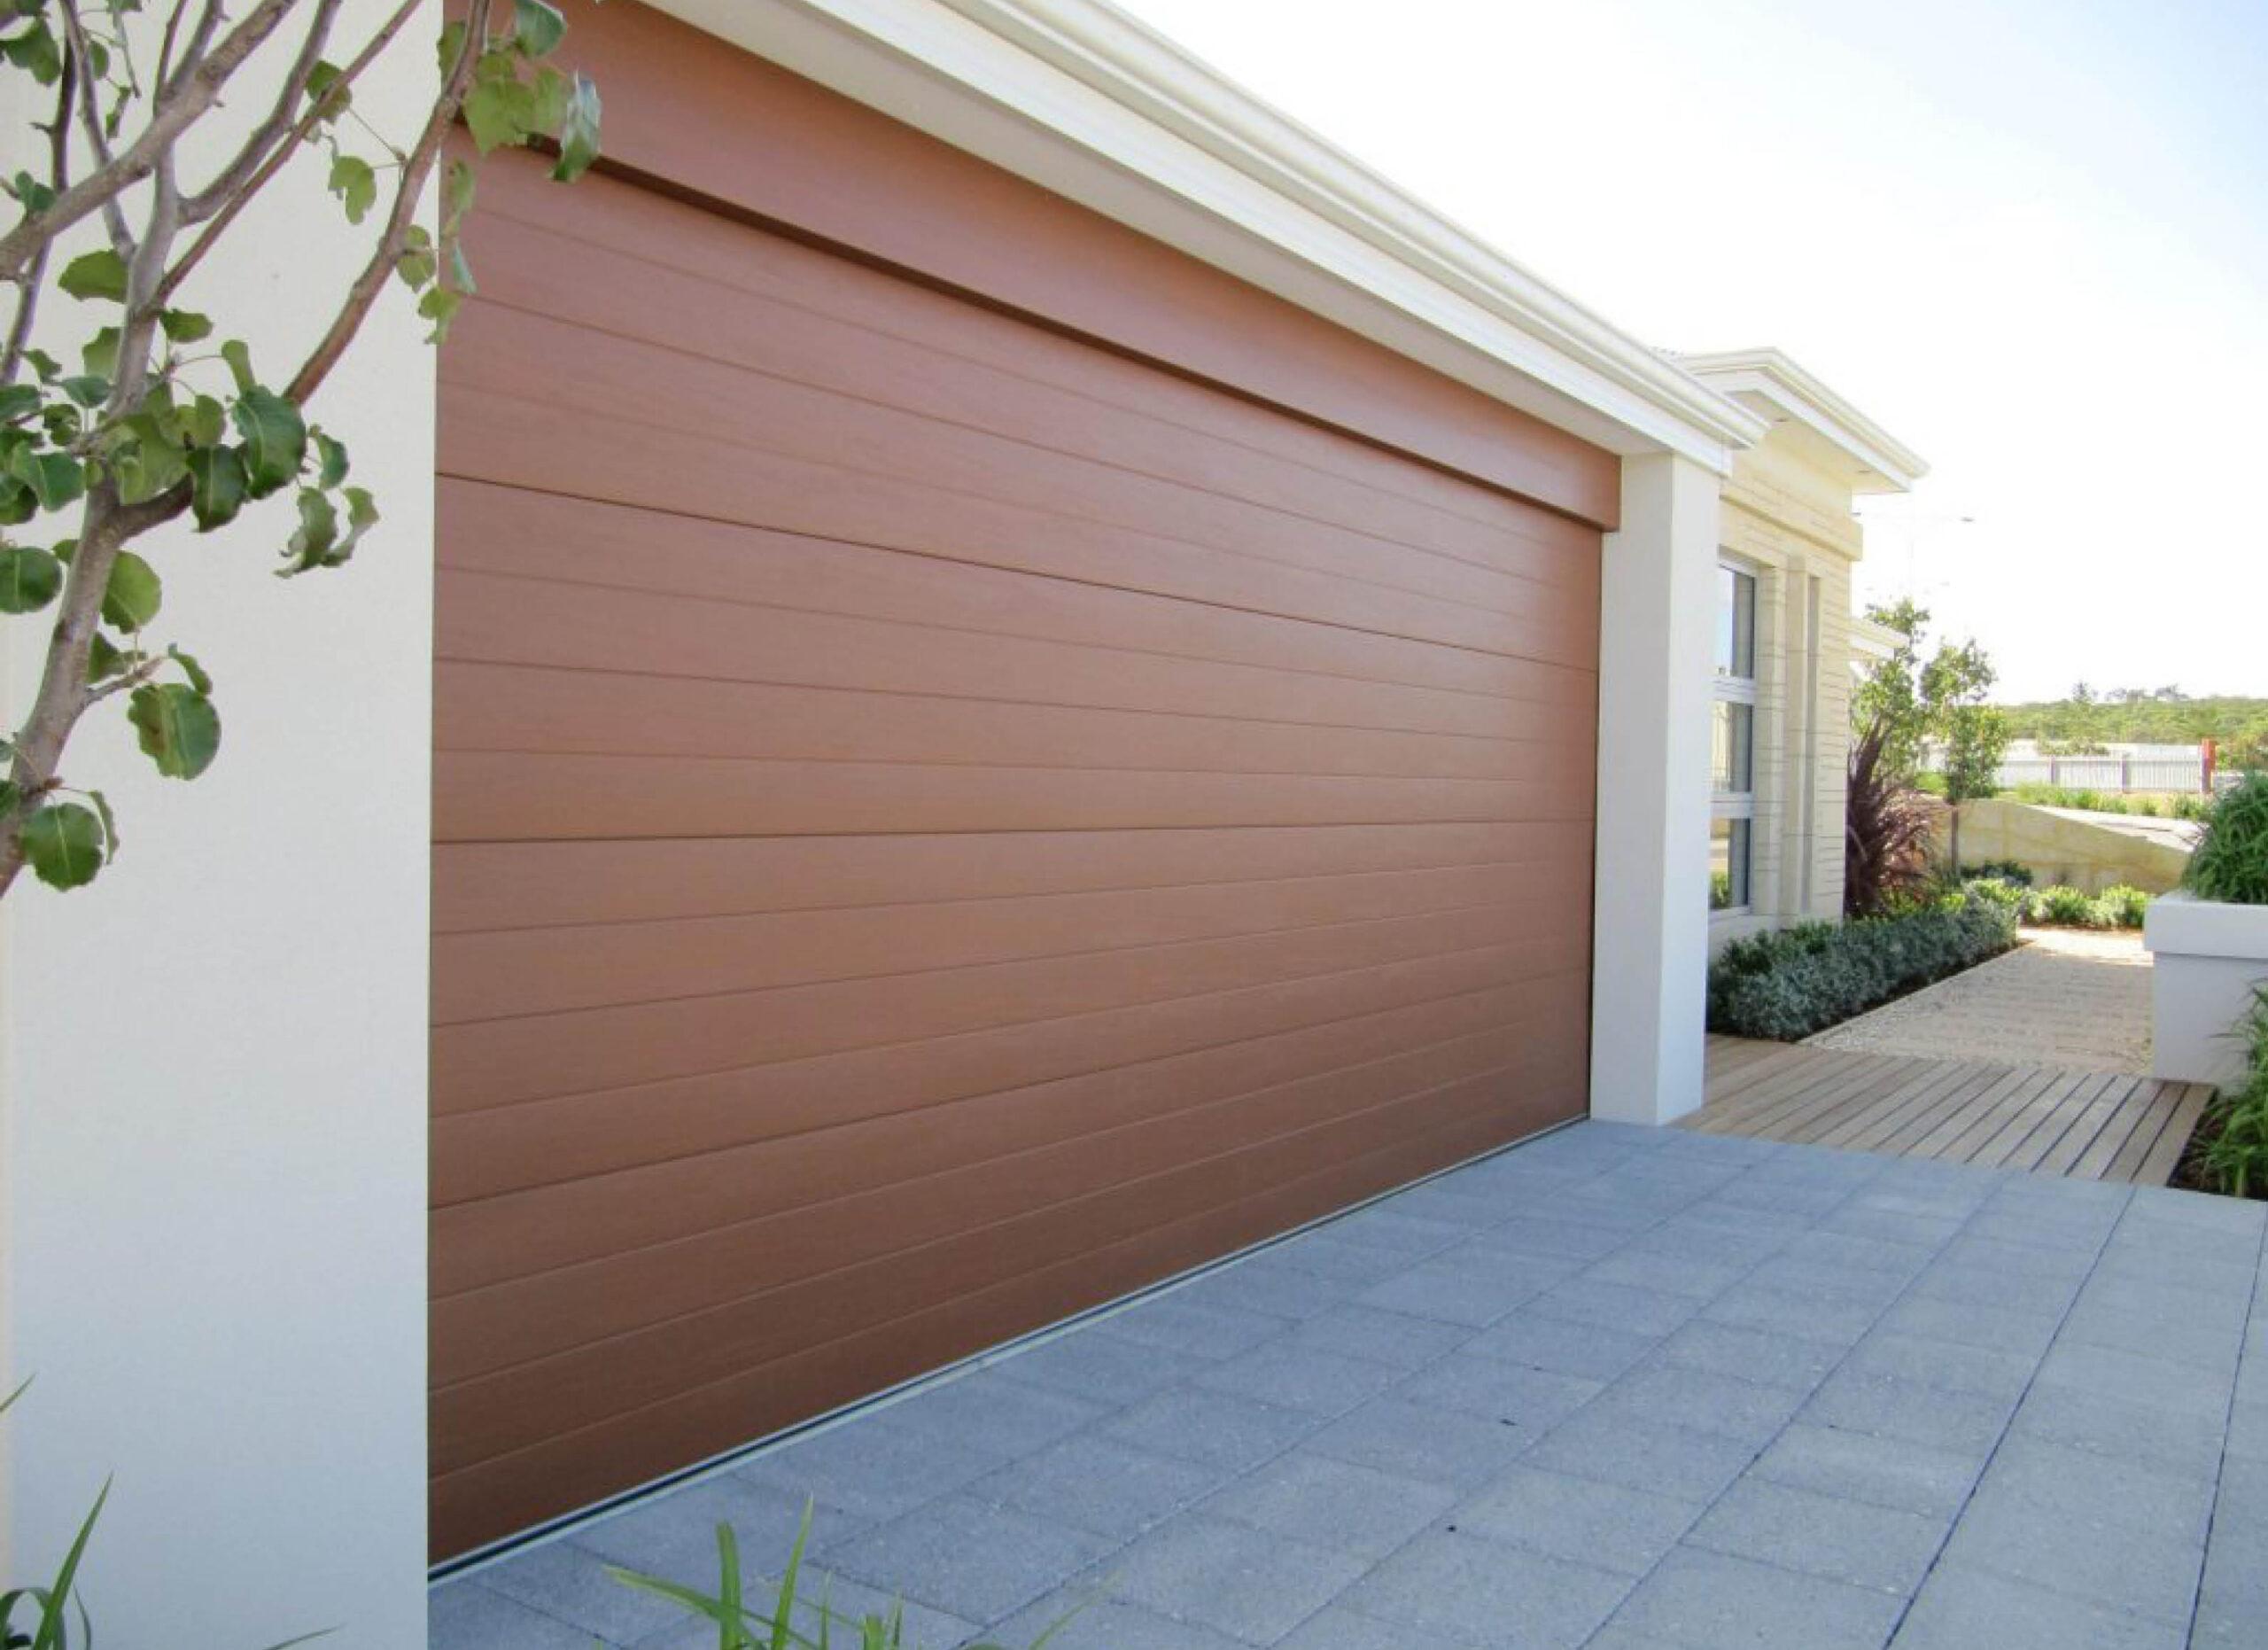 Troubleshooting: How to fix a noisy garage door